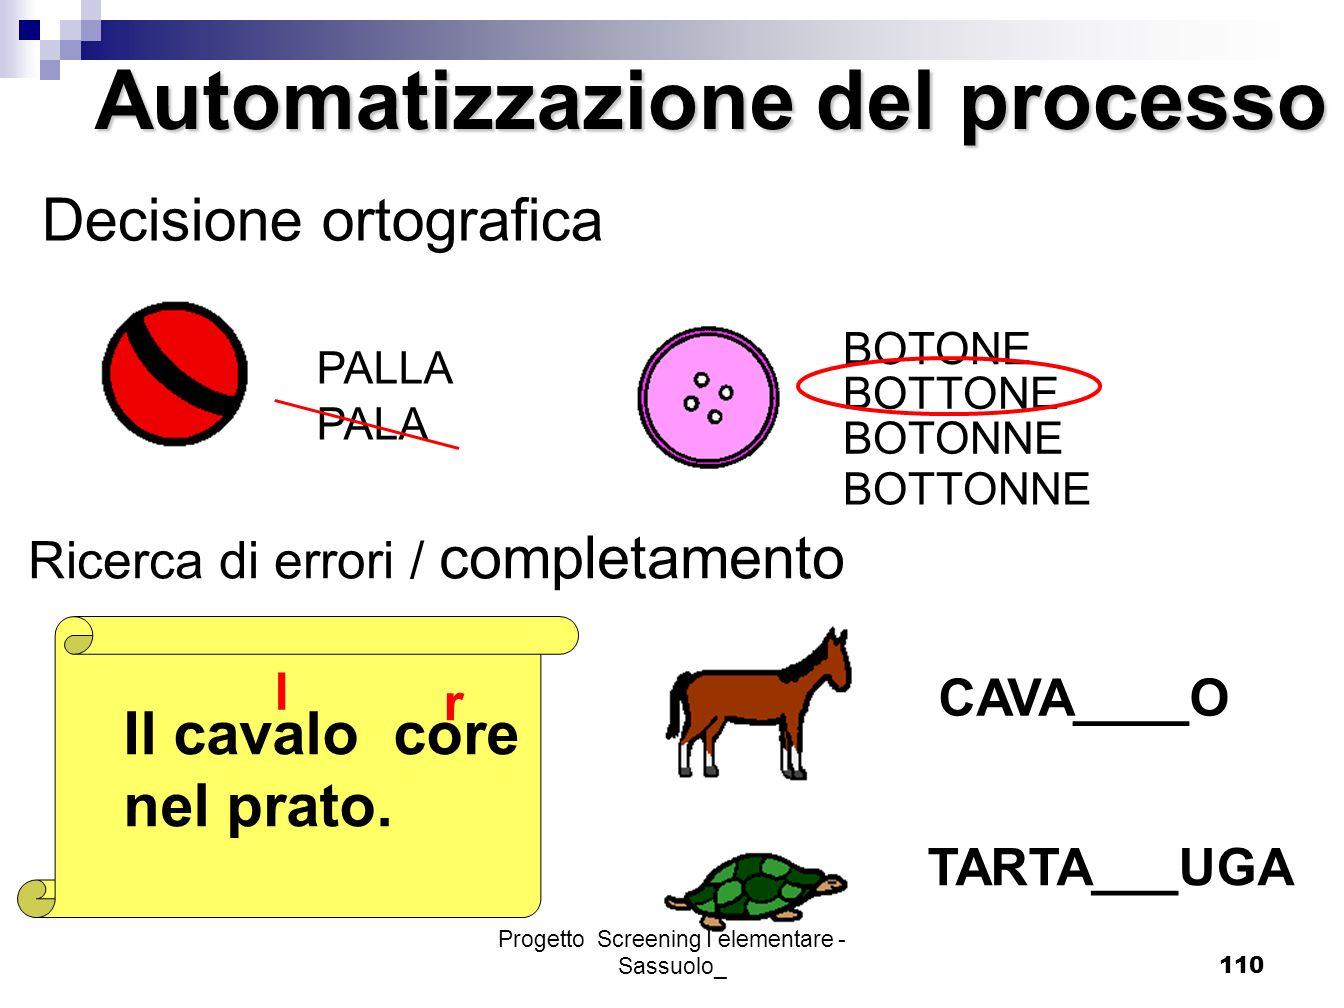 Progetto Screening I elementare - Sassuolo_110 PALLA PALA Decisione ortografica BOTONE BOTTONE BOTONNE BOTTONNE Il cavalo core nel prato. l r Automati